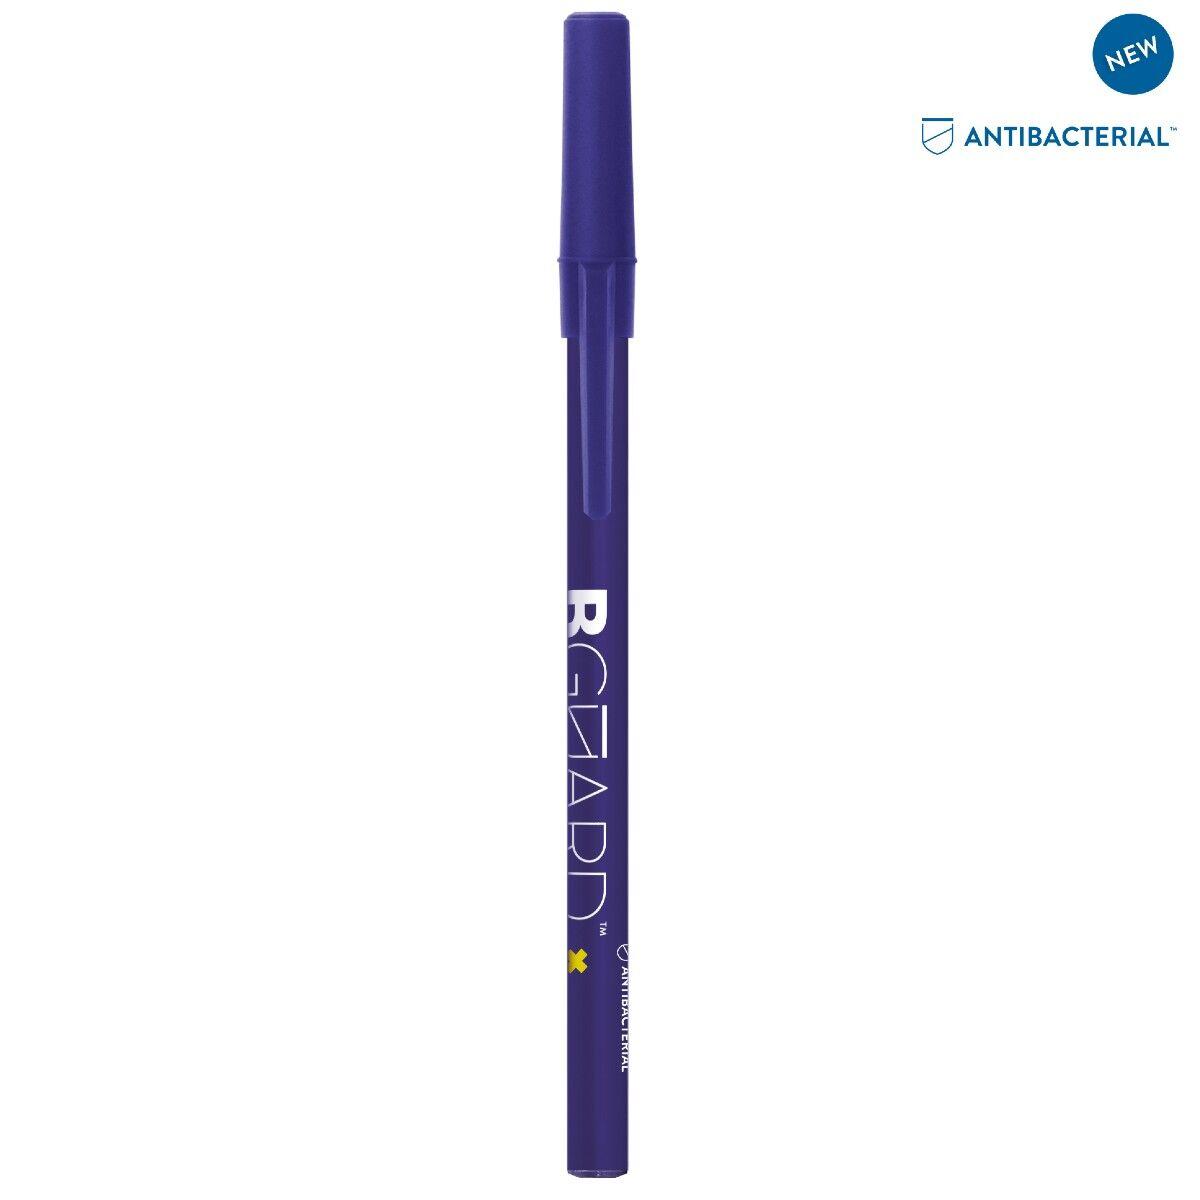 Bic Antibacterial Stic Pen - Blue